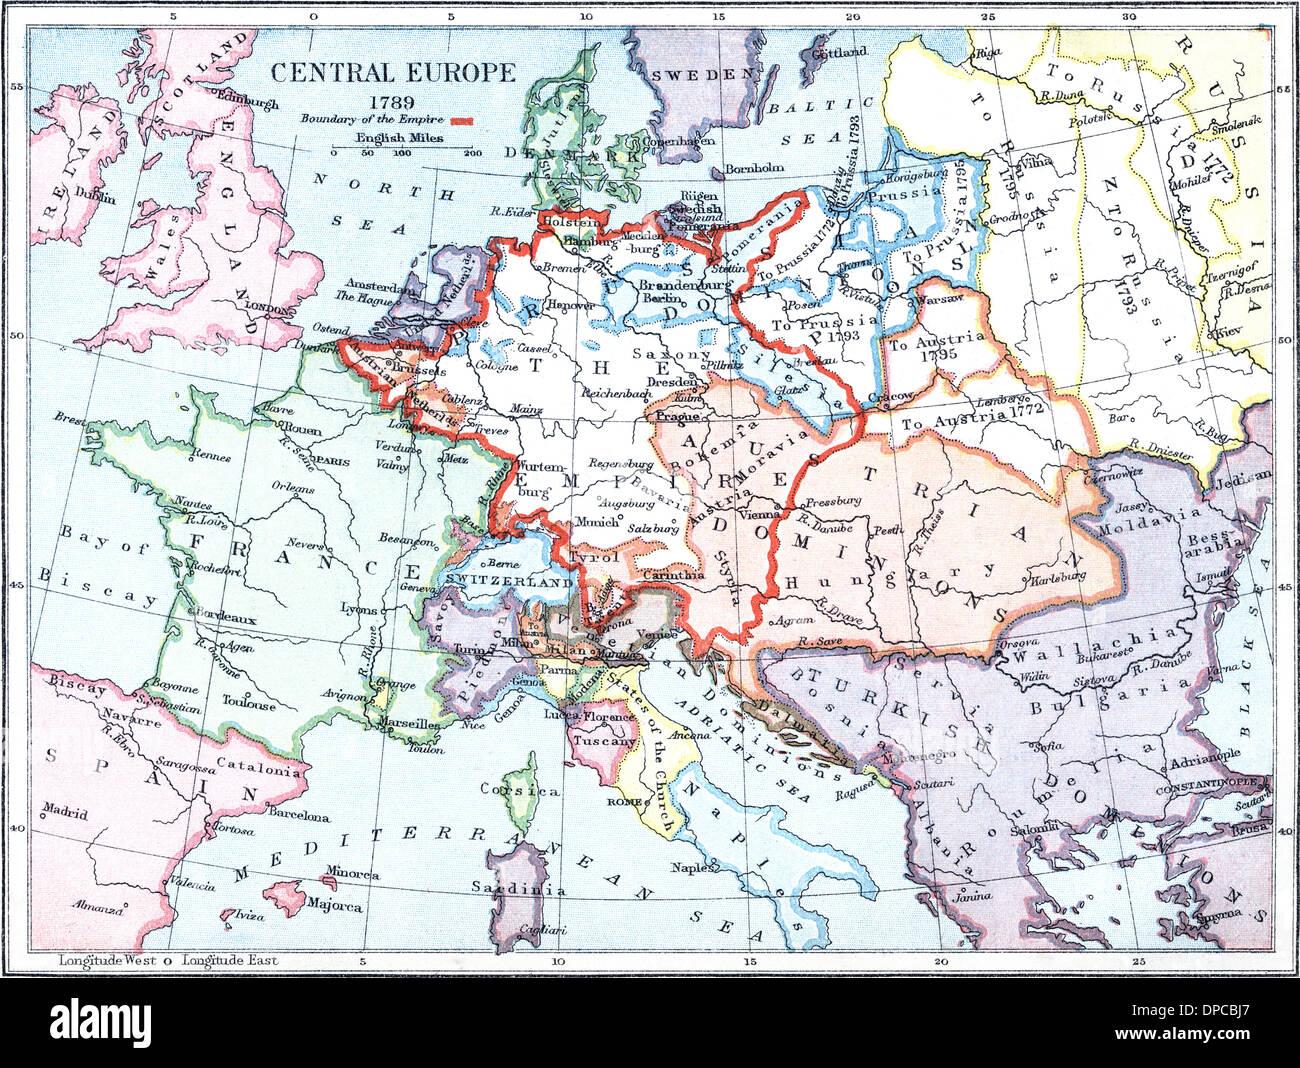 Karte Von Zentraleuropa 1789 Stockfoto Bild 65426095 Alamy